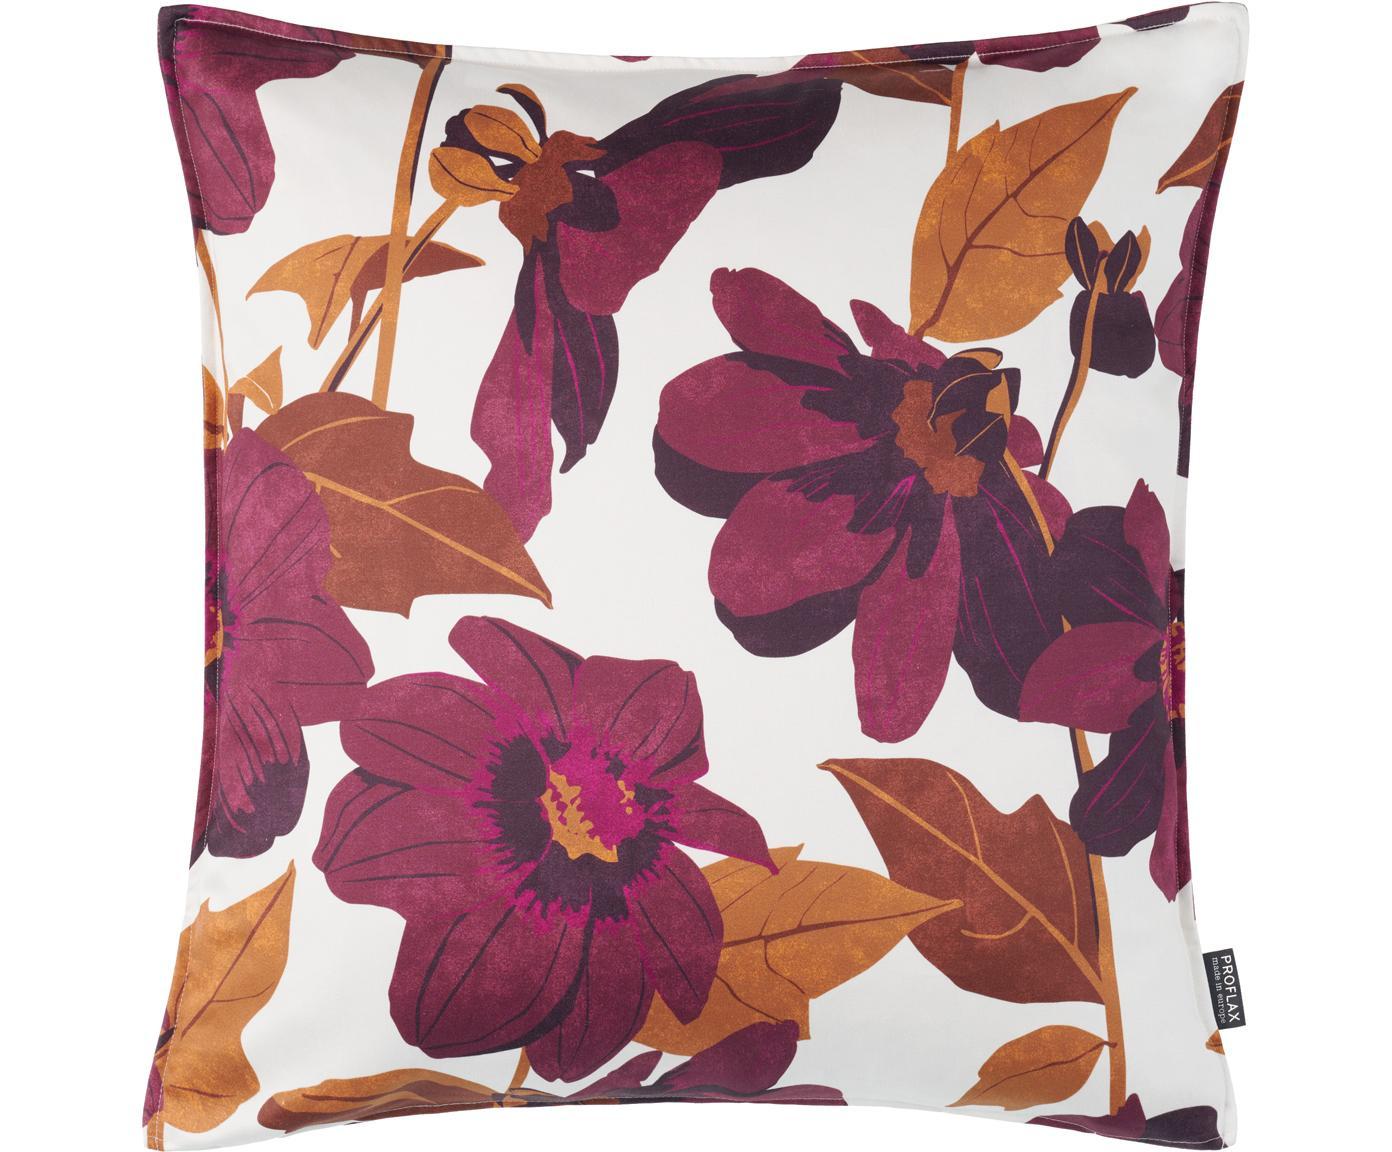 Copricuscino con stampa floreale Maite, Cotone, Bianco, lilla, arancione, Larg. 50 x Lung. 50 cm